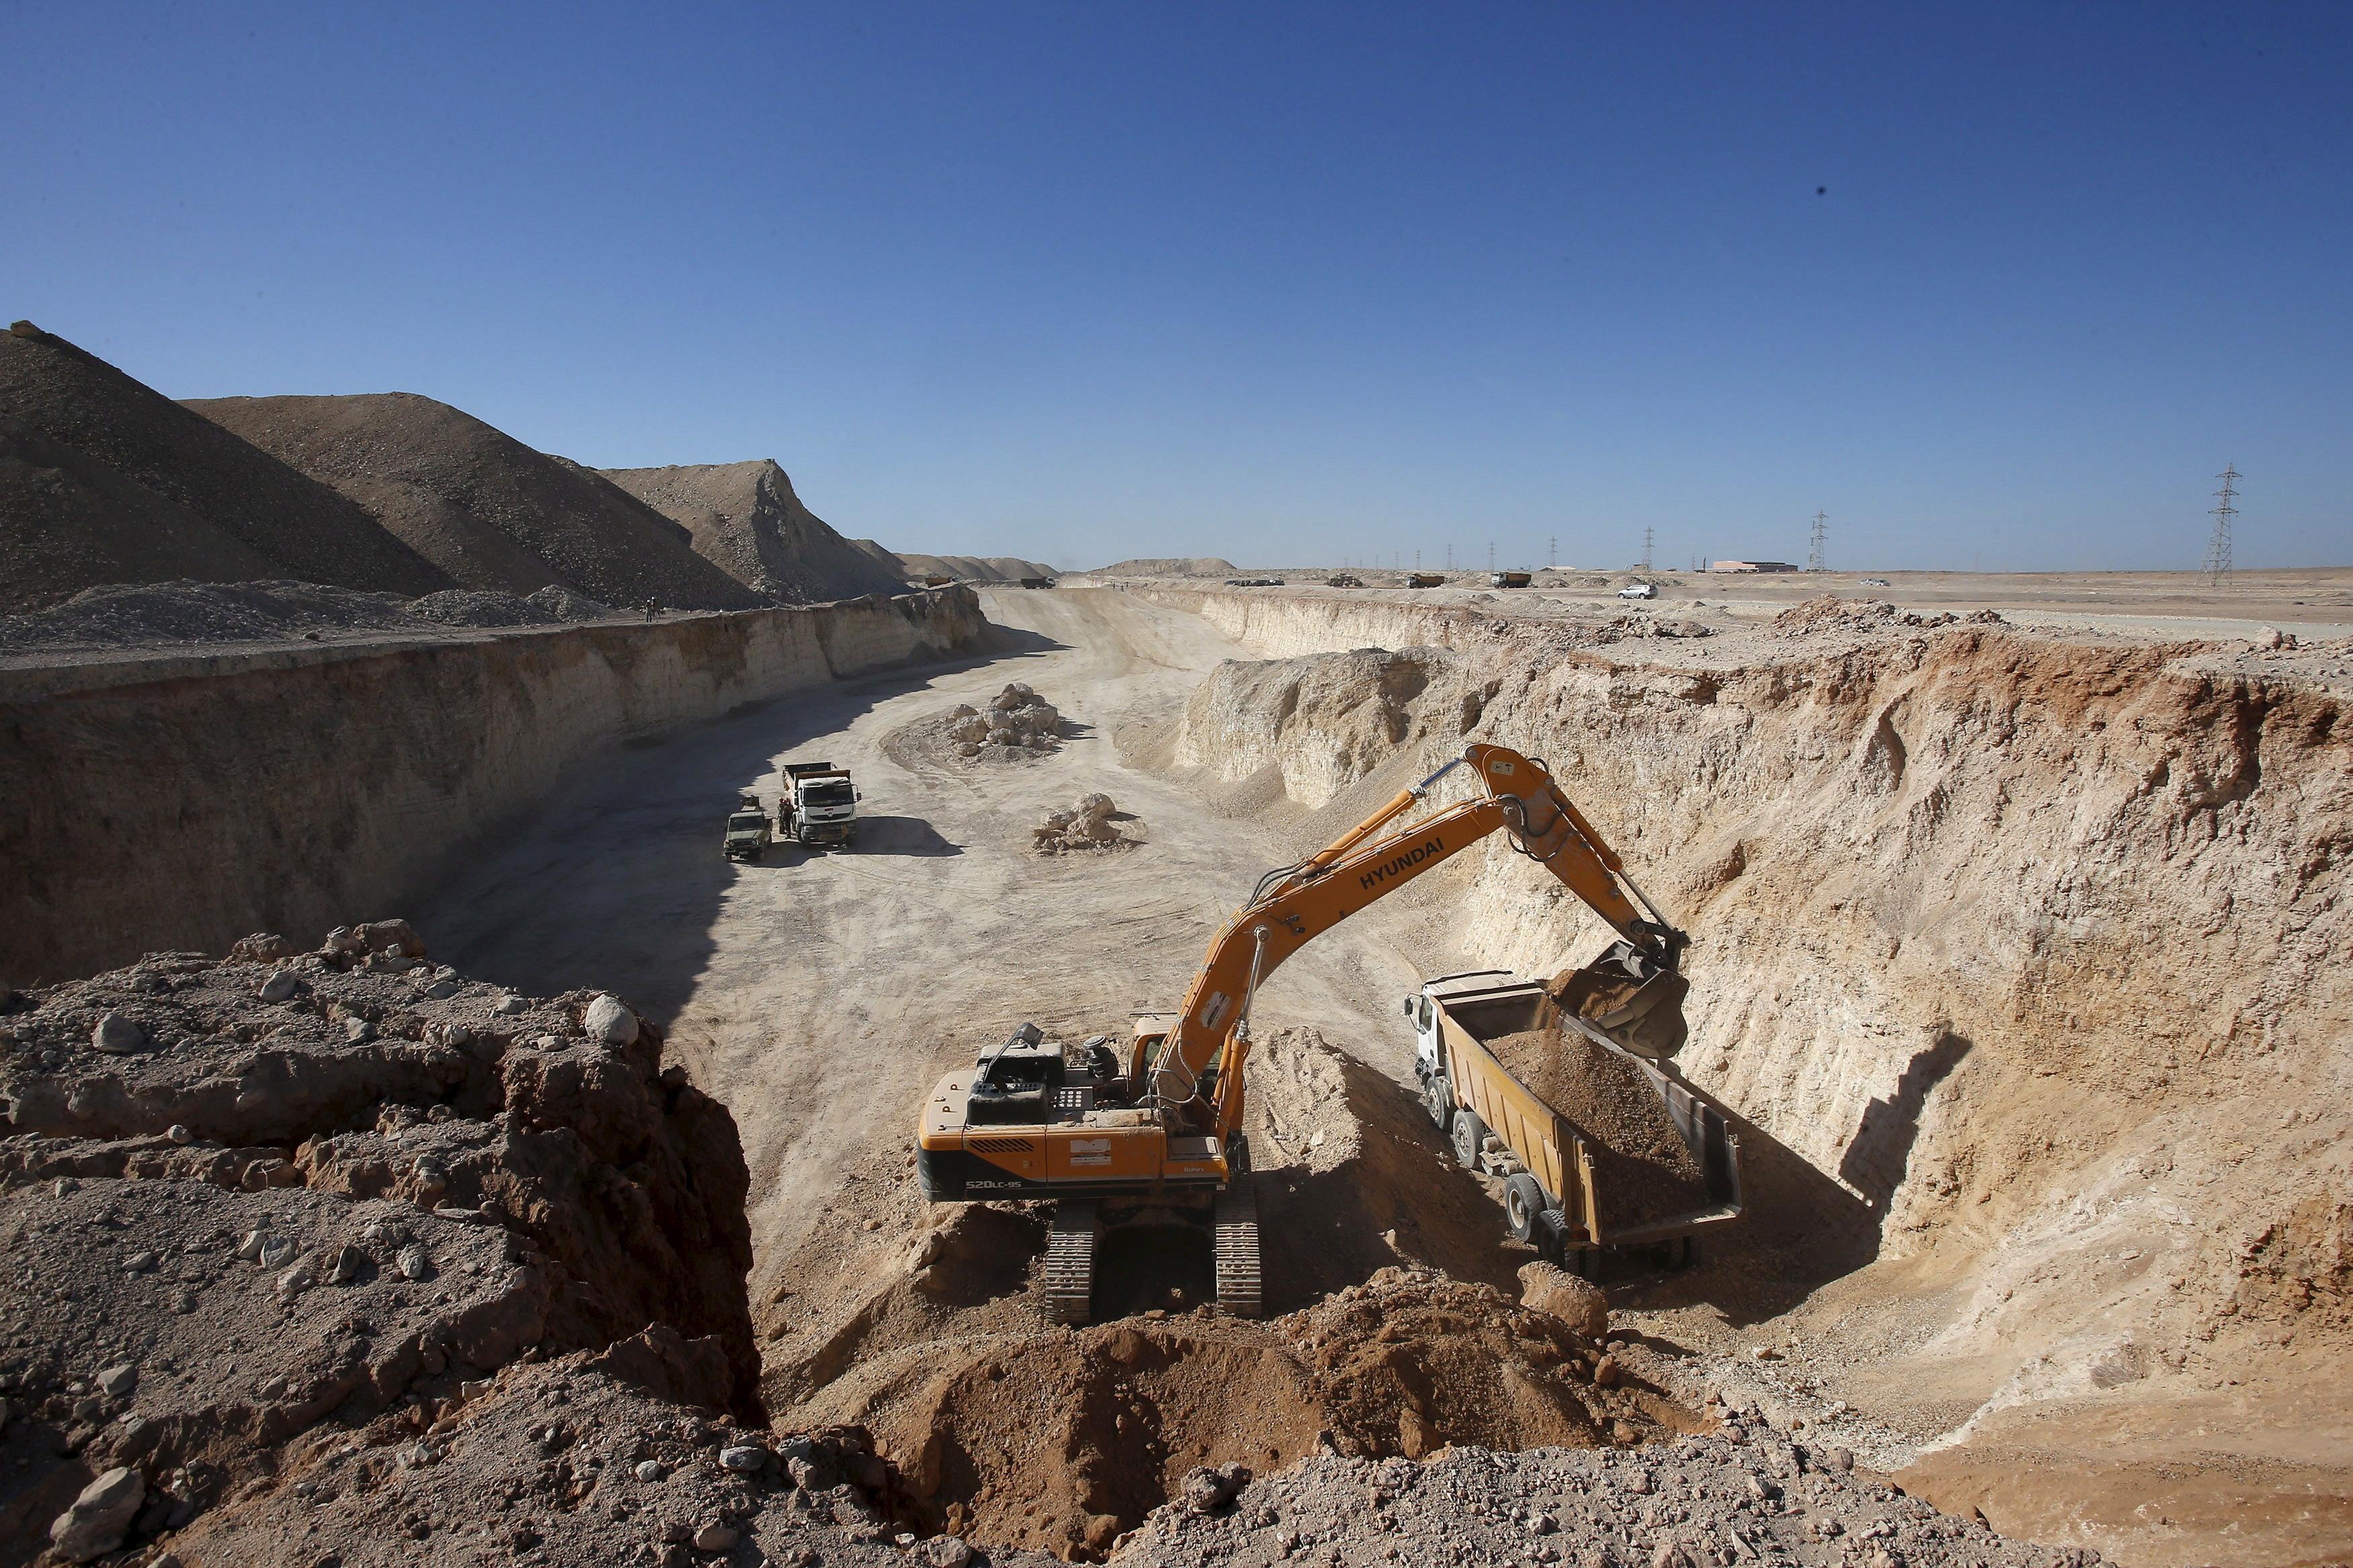 OCP: 41 milliards de dirhams de chiffre d'affaires sur les neuf premiers mois de